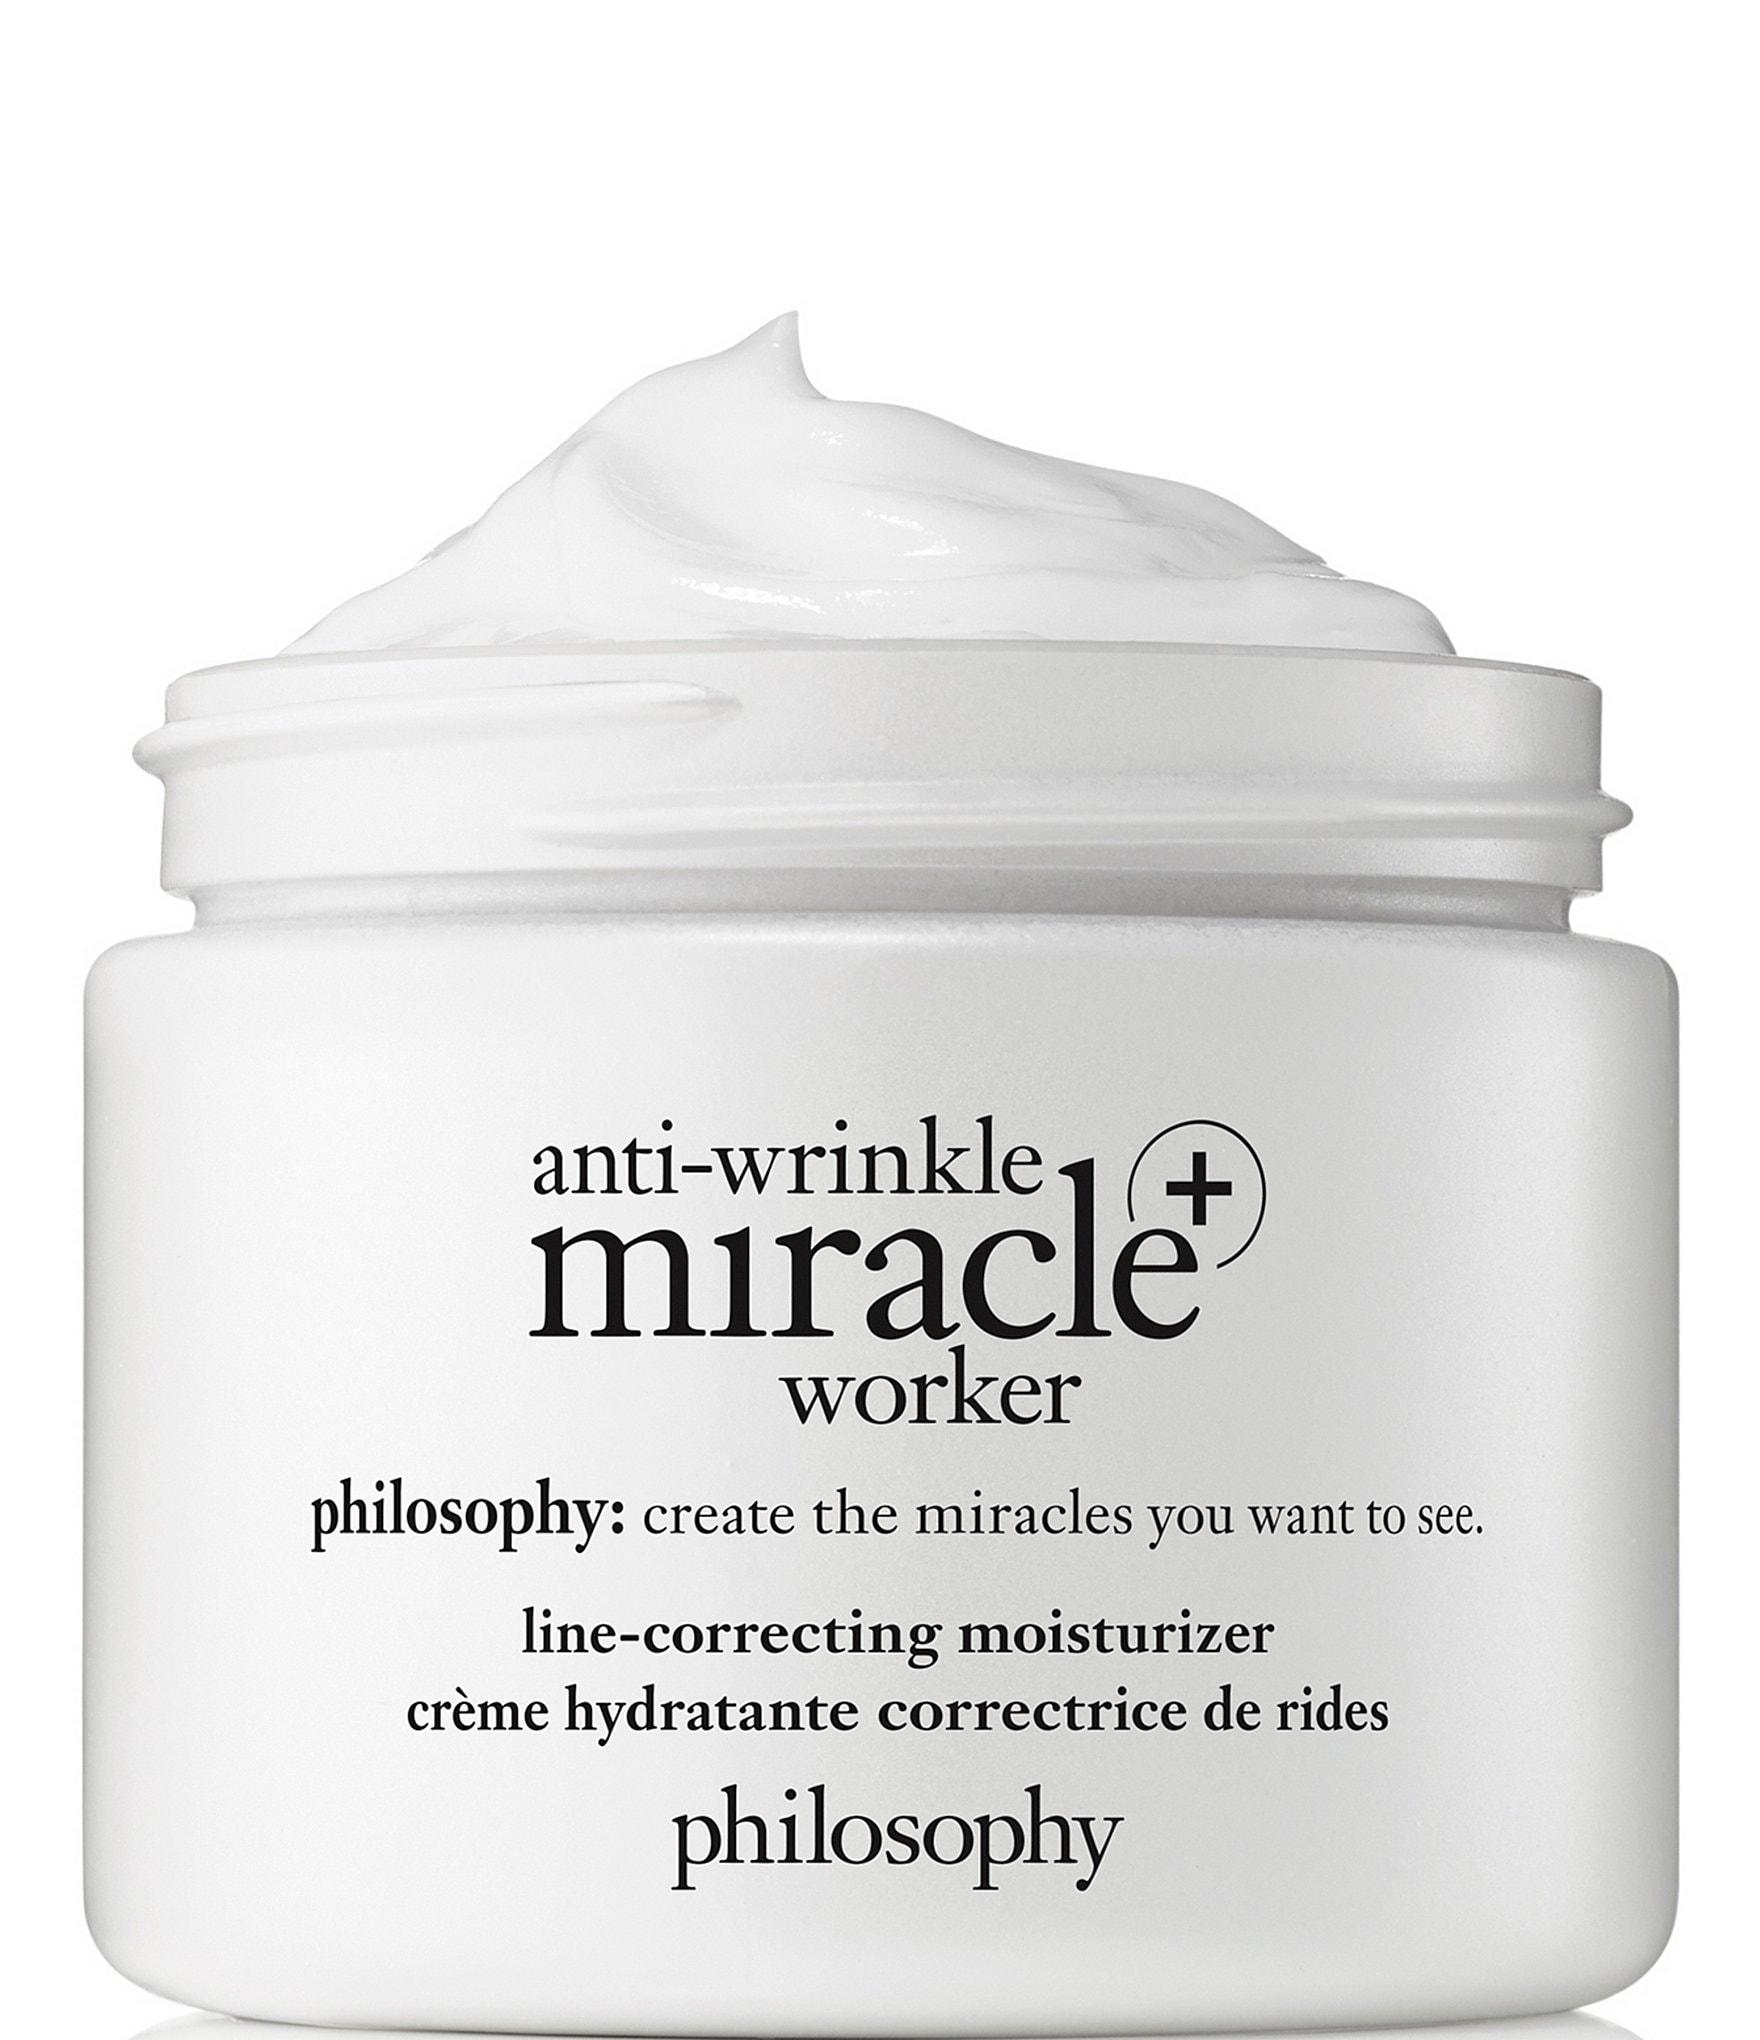 philosophy anti-wrinkle miracle worker+